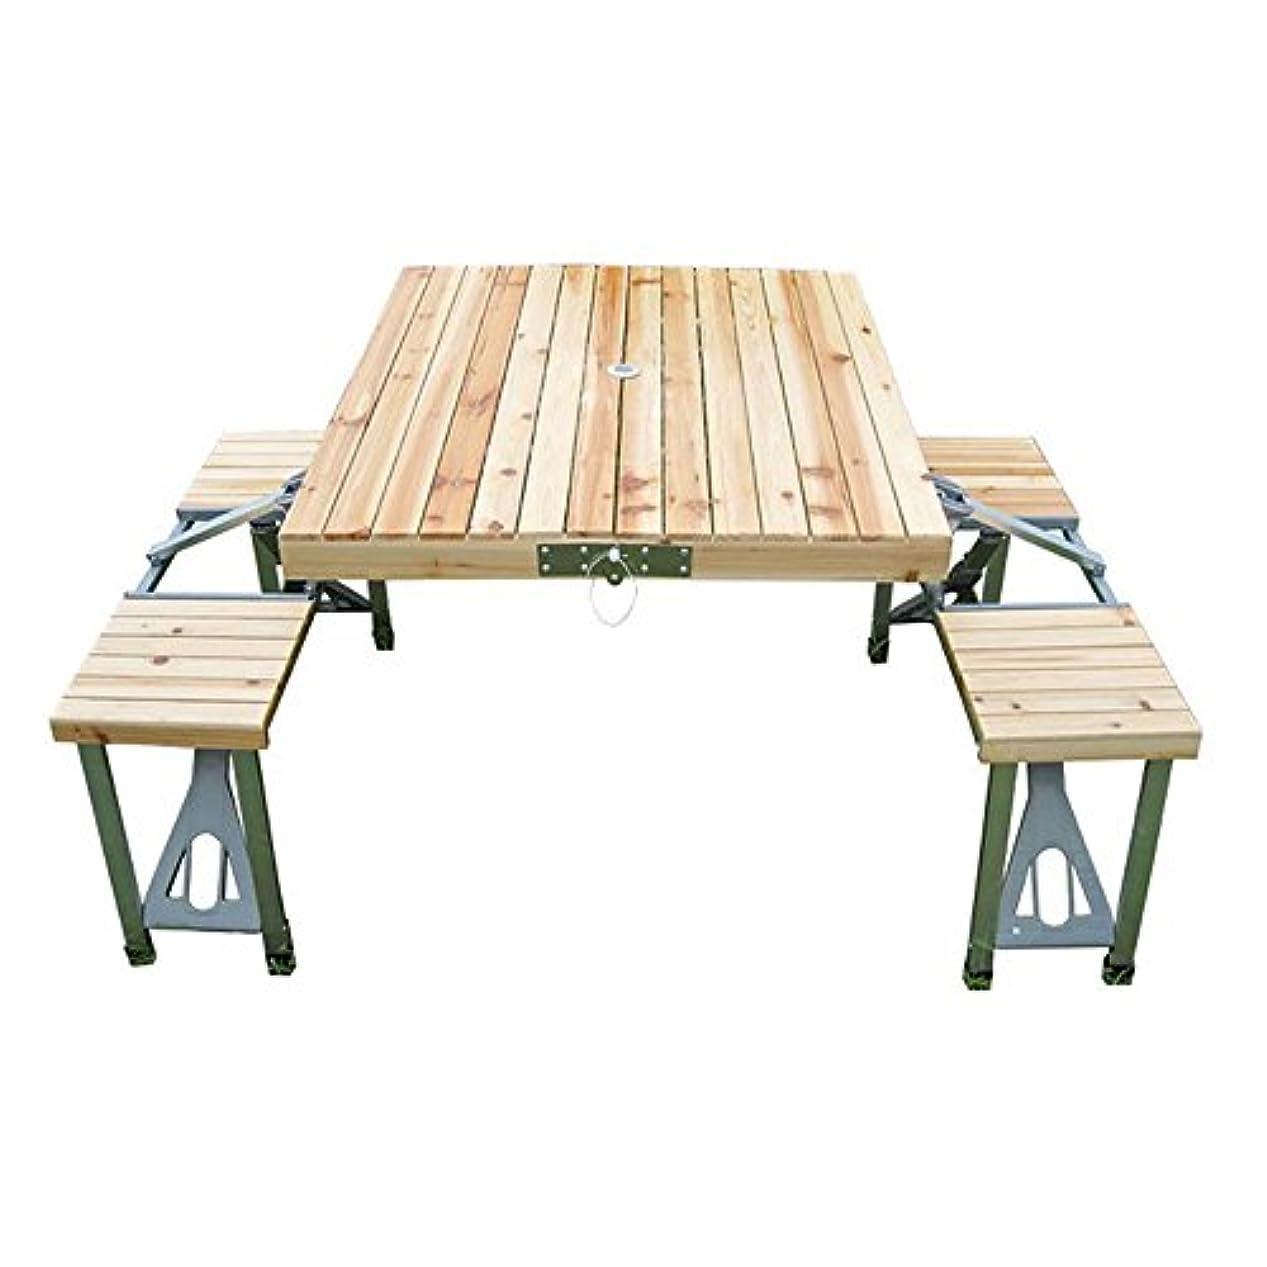 コンチネンタルクリップビット(フェイスコジー)Facecozy 室外木製チェアーテーブル アウトドアガーデンテーブル 折り畳式レシャーテーブル